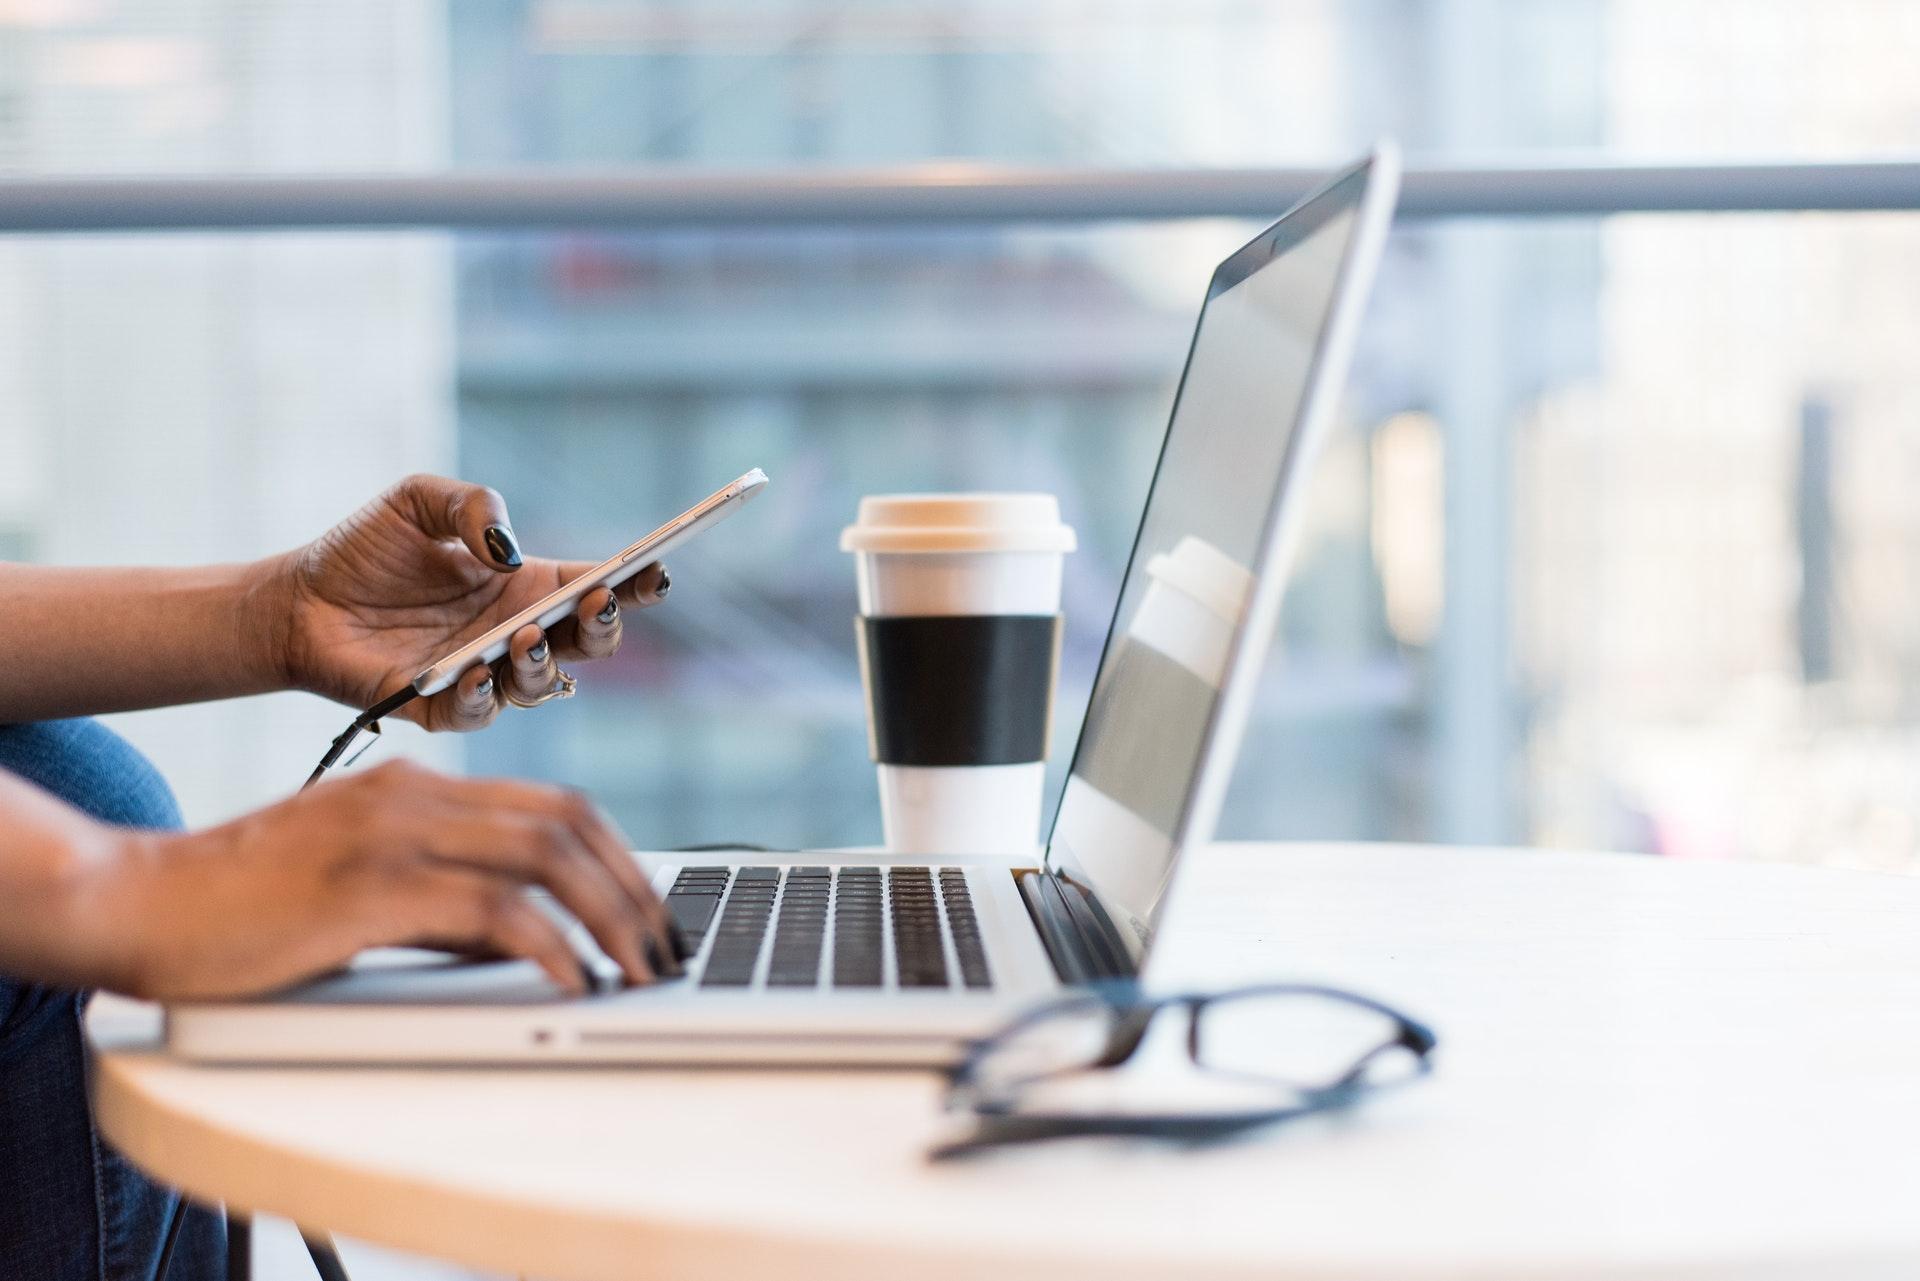 パソコンを利用する女性